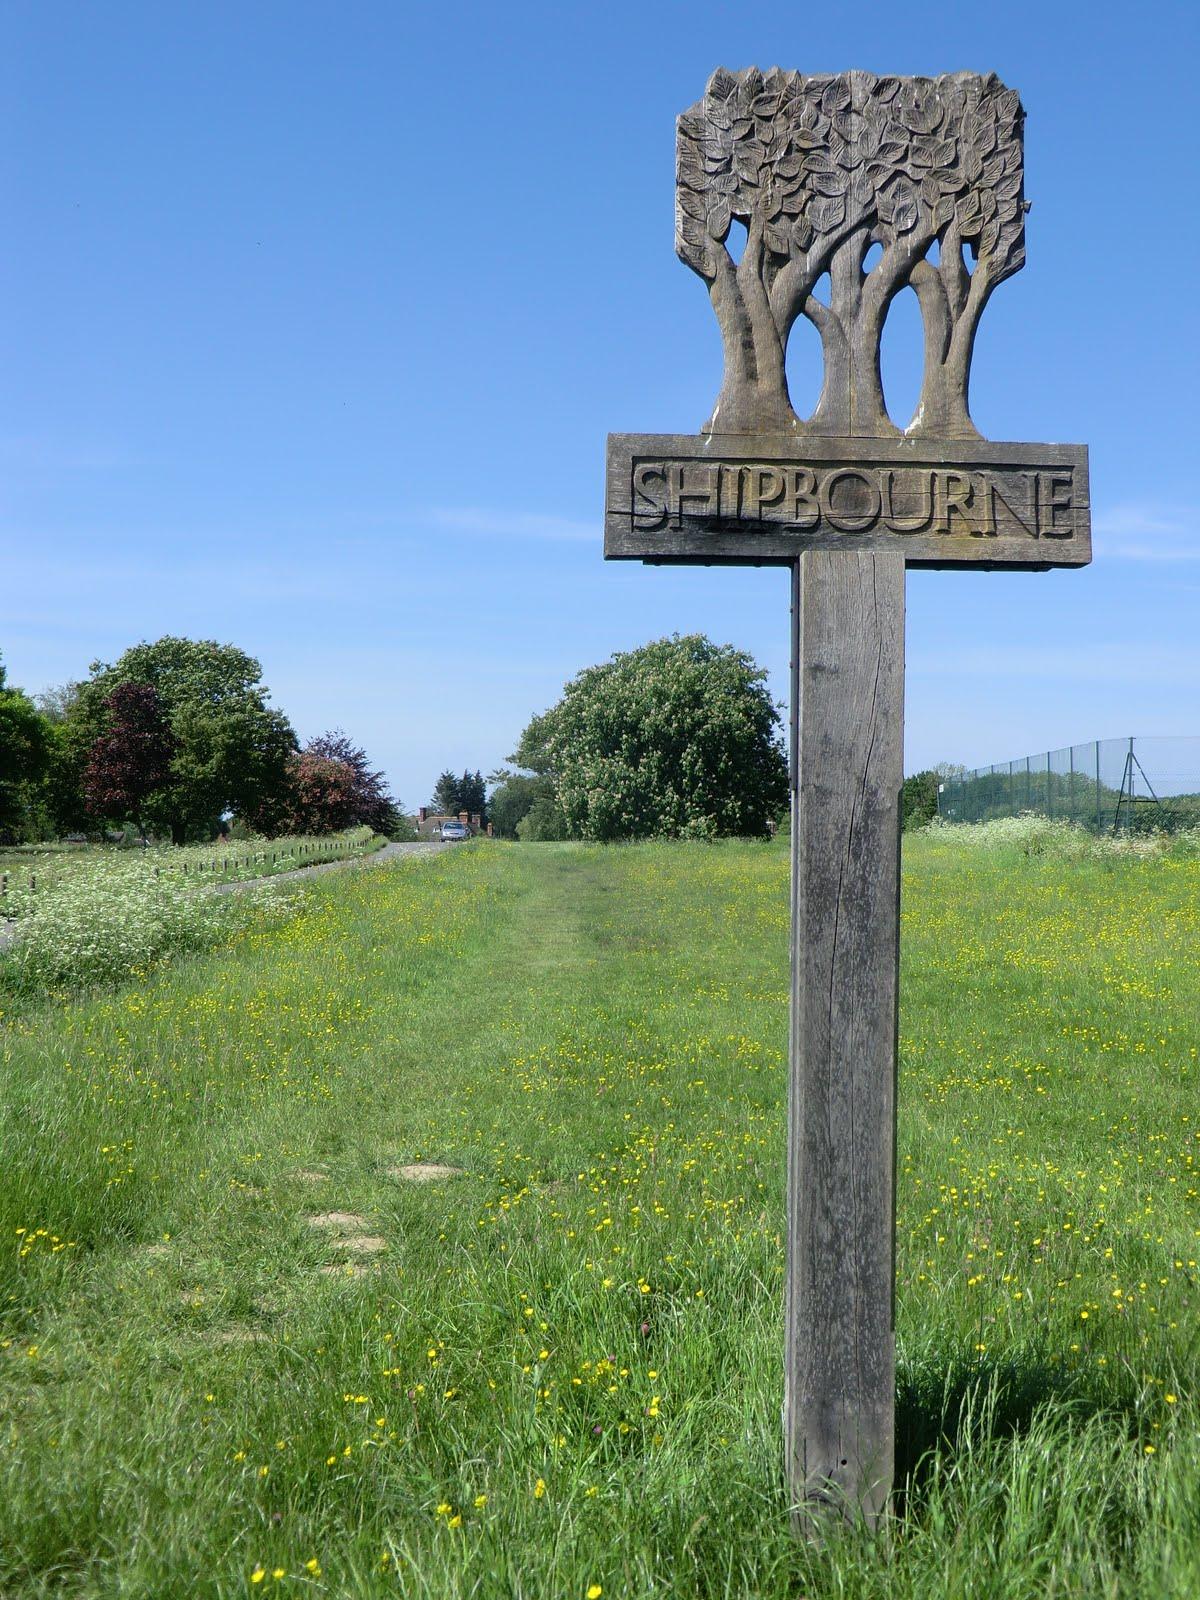 CIMG1288 Shipbourne village sign